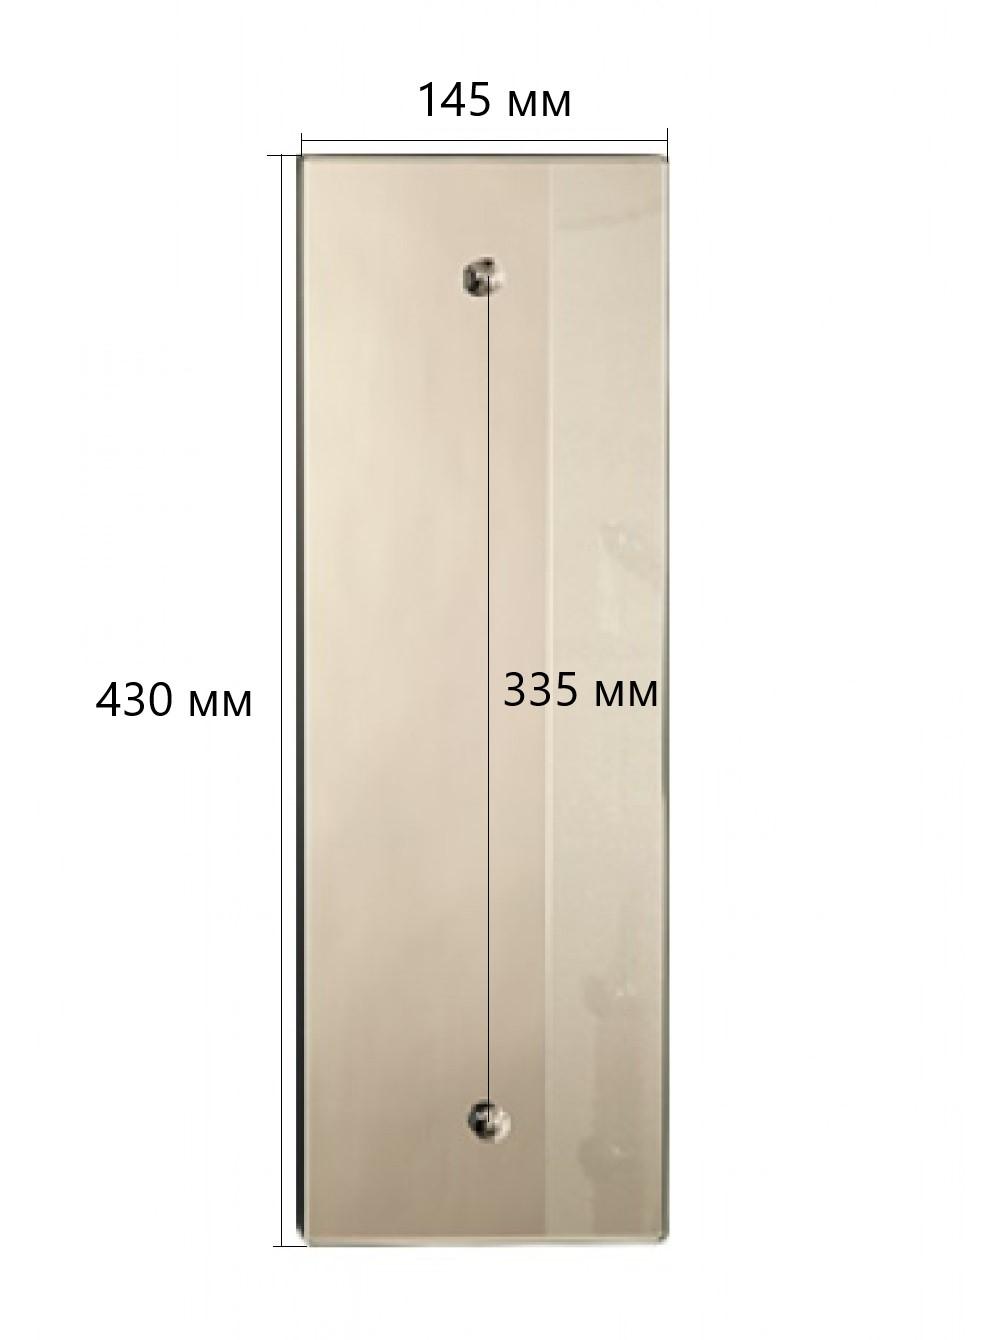 Зеркало для душевой кабины (430 х 145 мм)